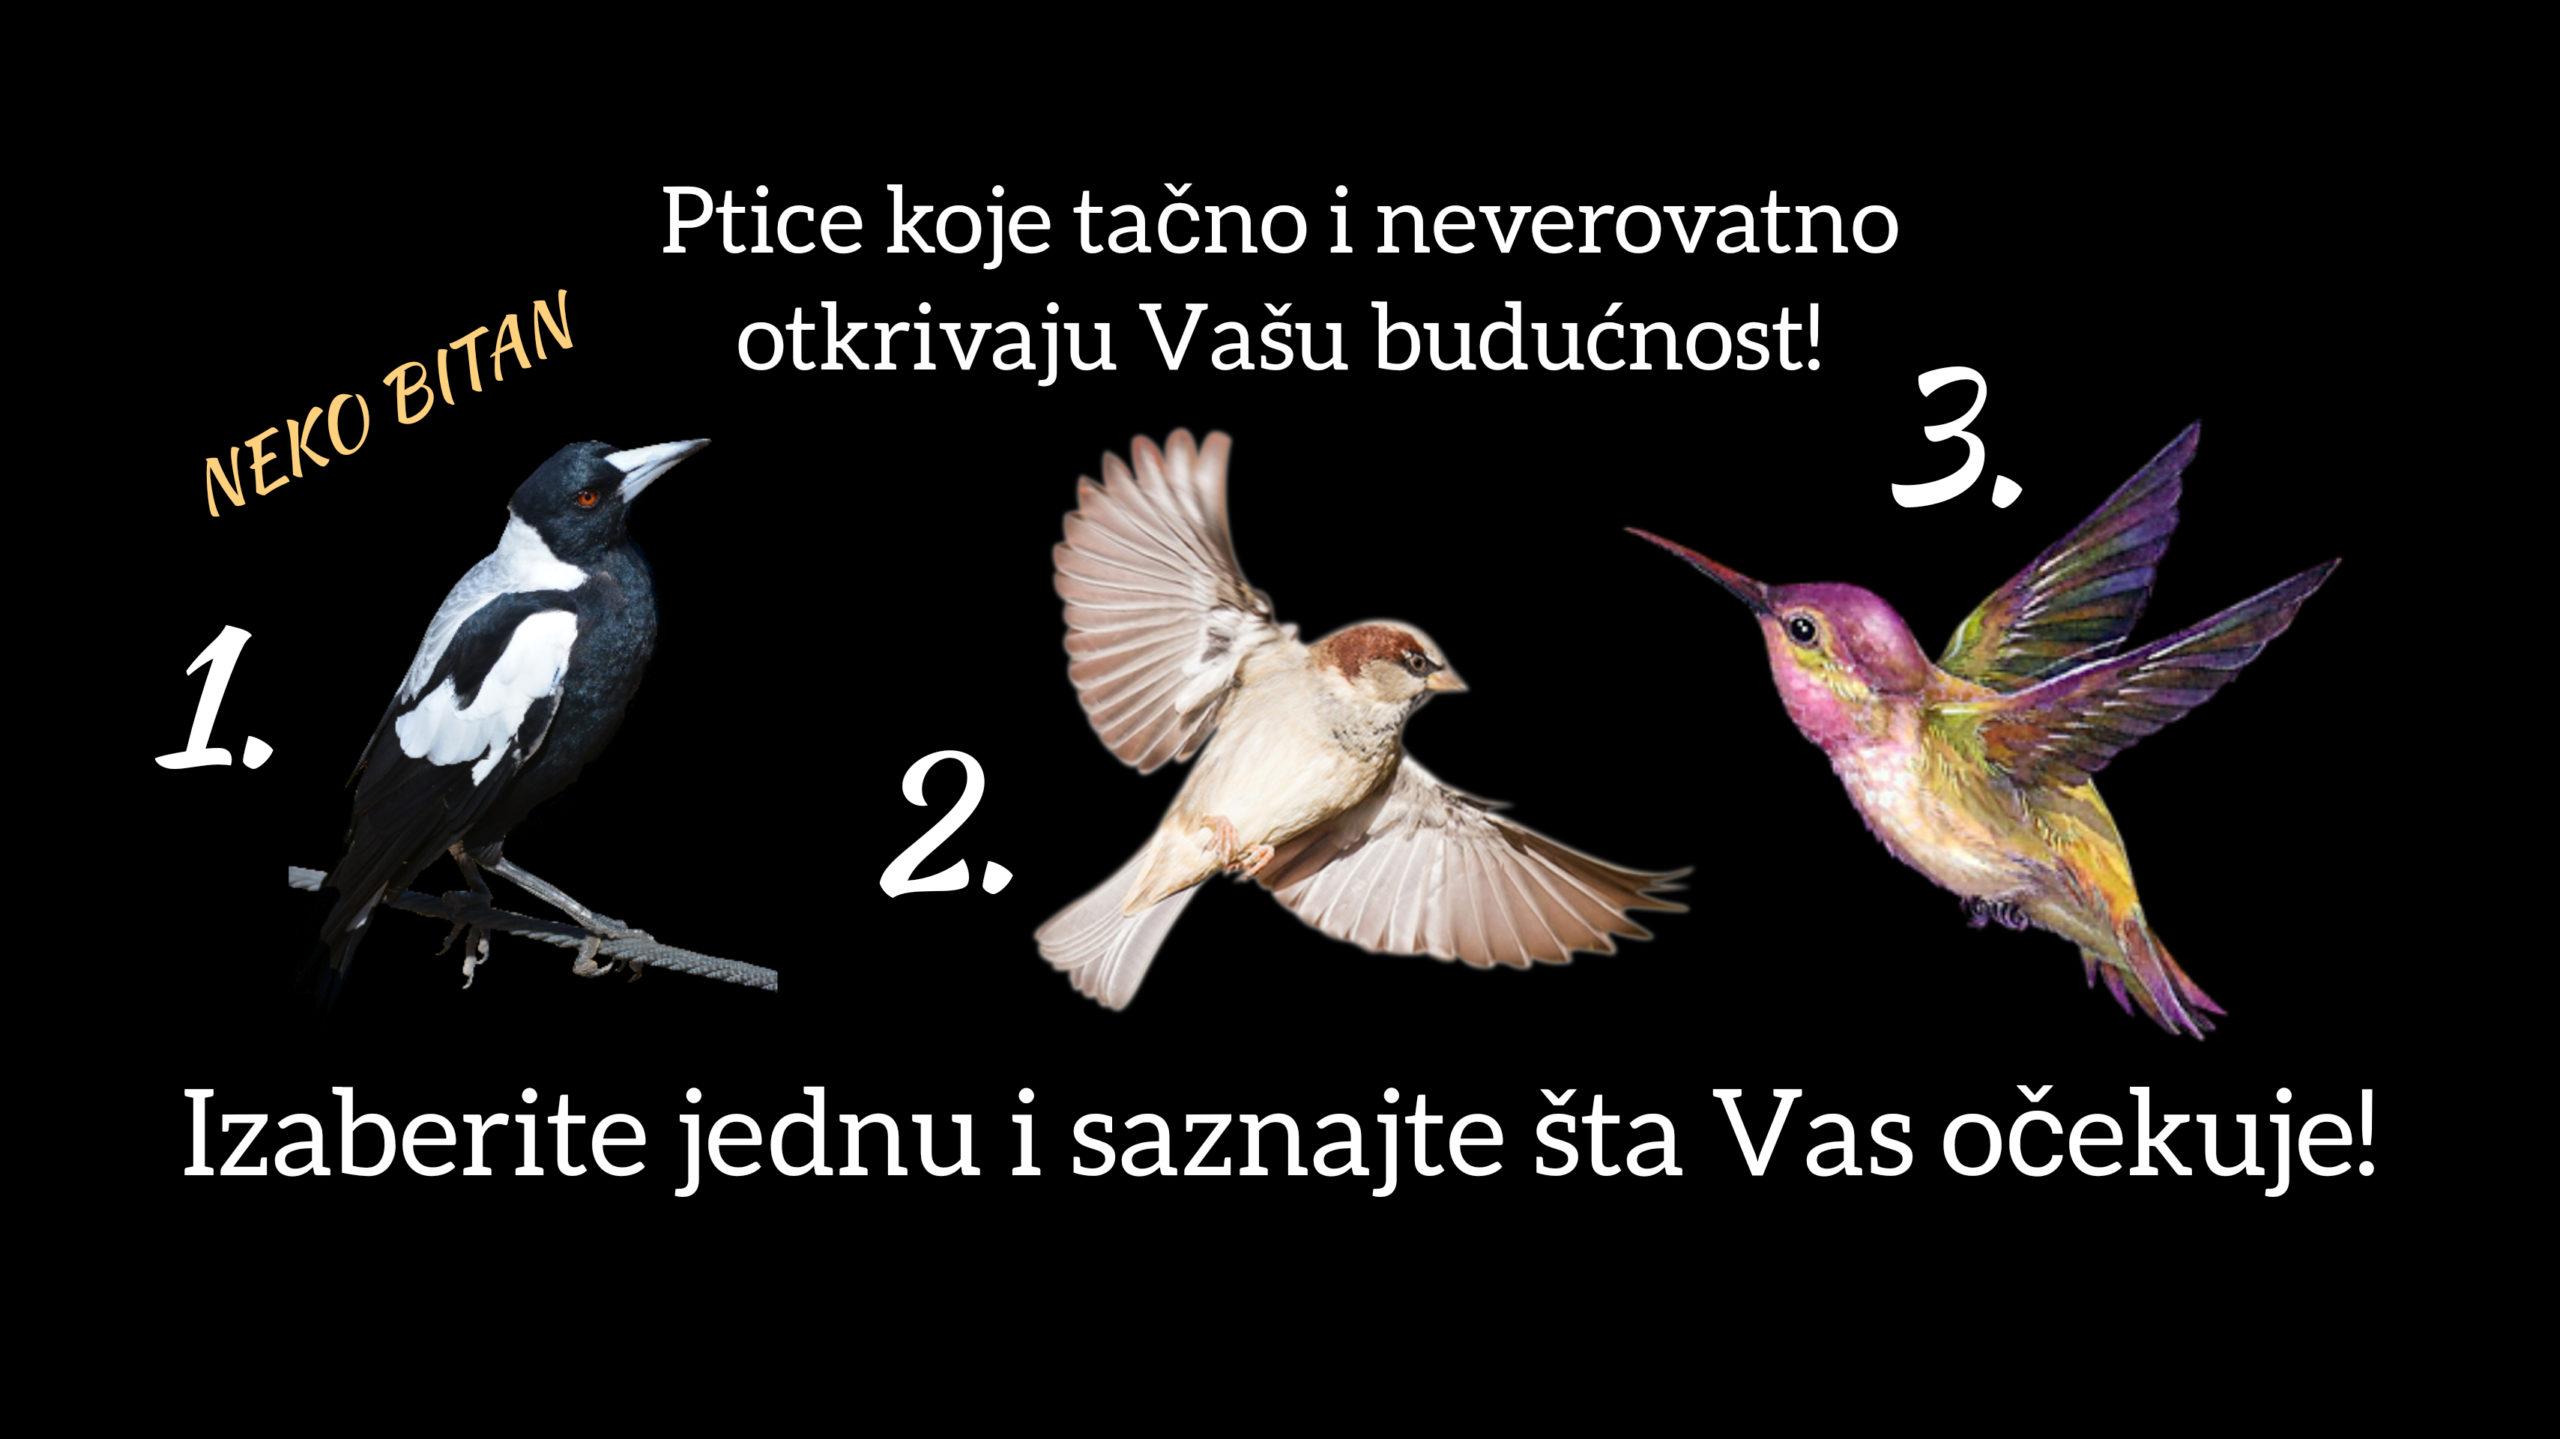 Ptice koje tačno i neverovatno otkrivaju Vašu budućnost! Izaberite jednu sa slike o saznajte šta Vas očekuje…